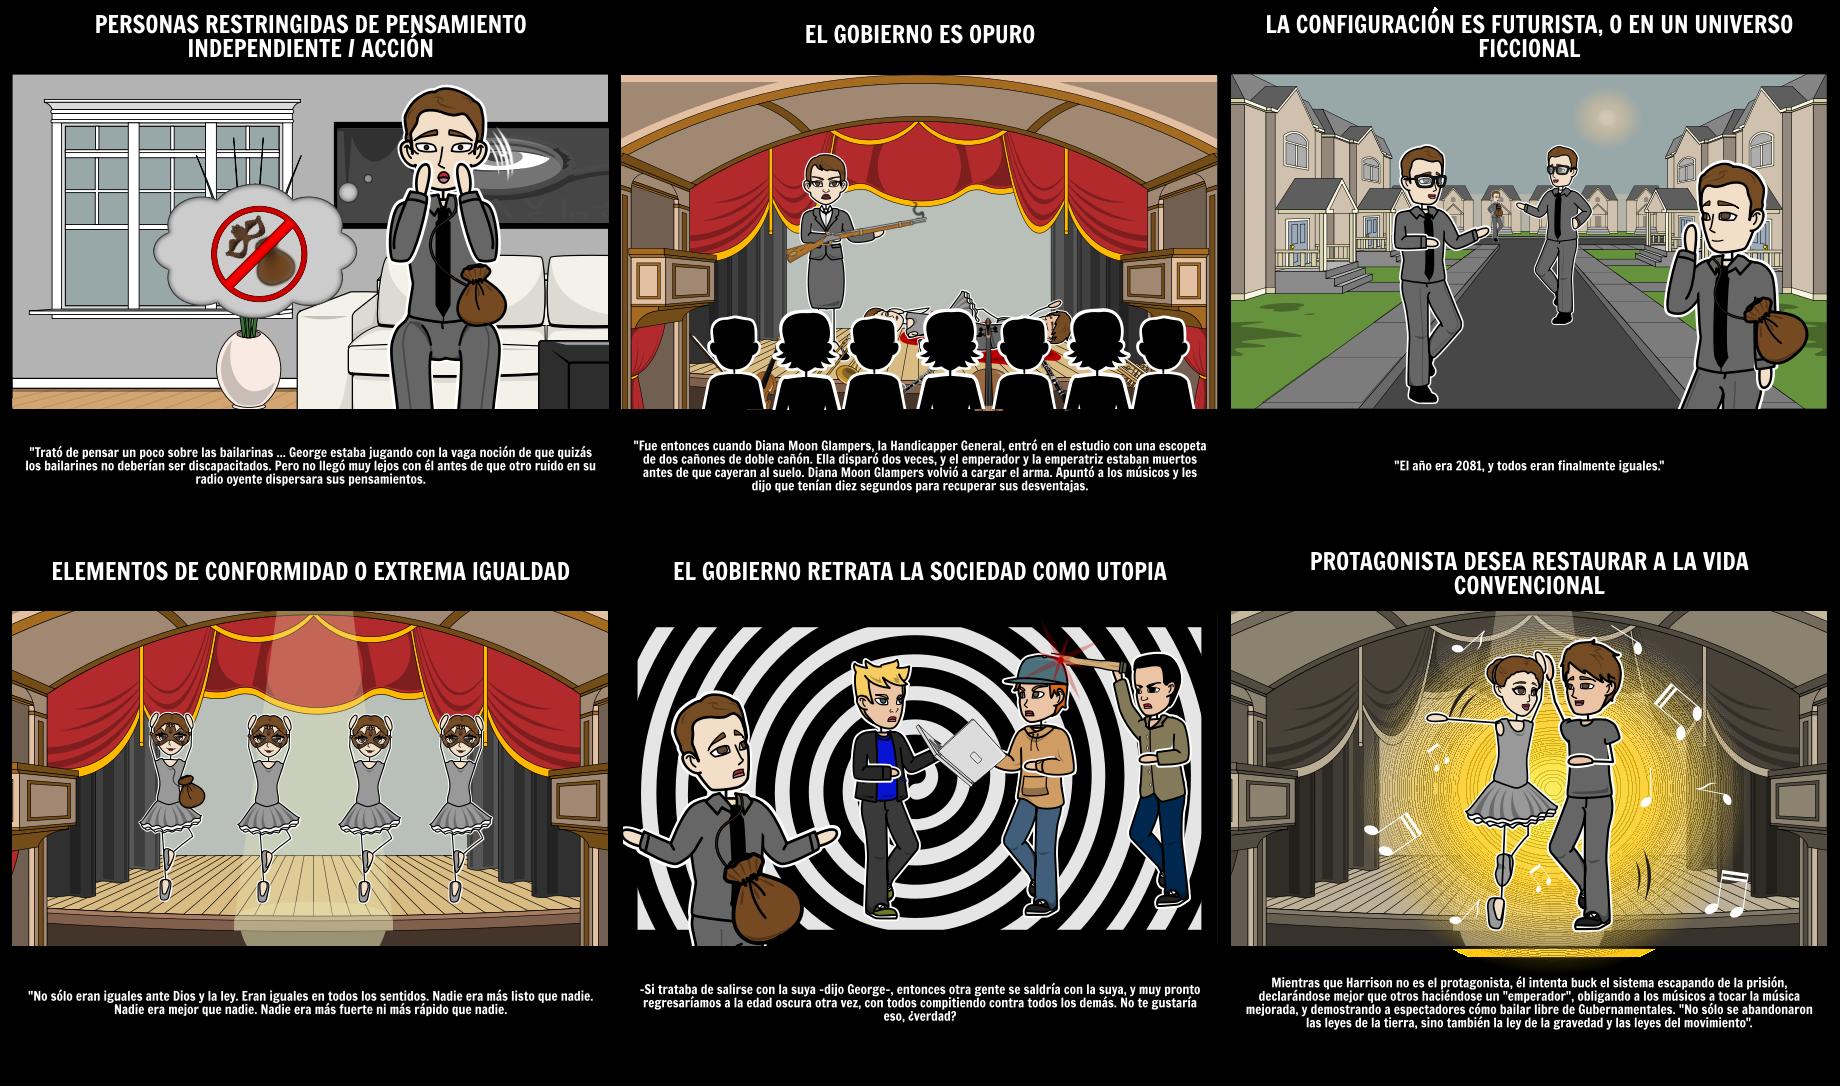 Elementos Distopianos en Harrison Bergeron